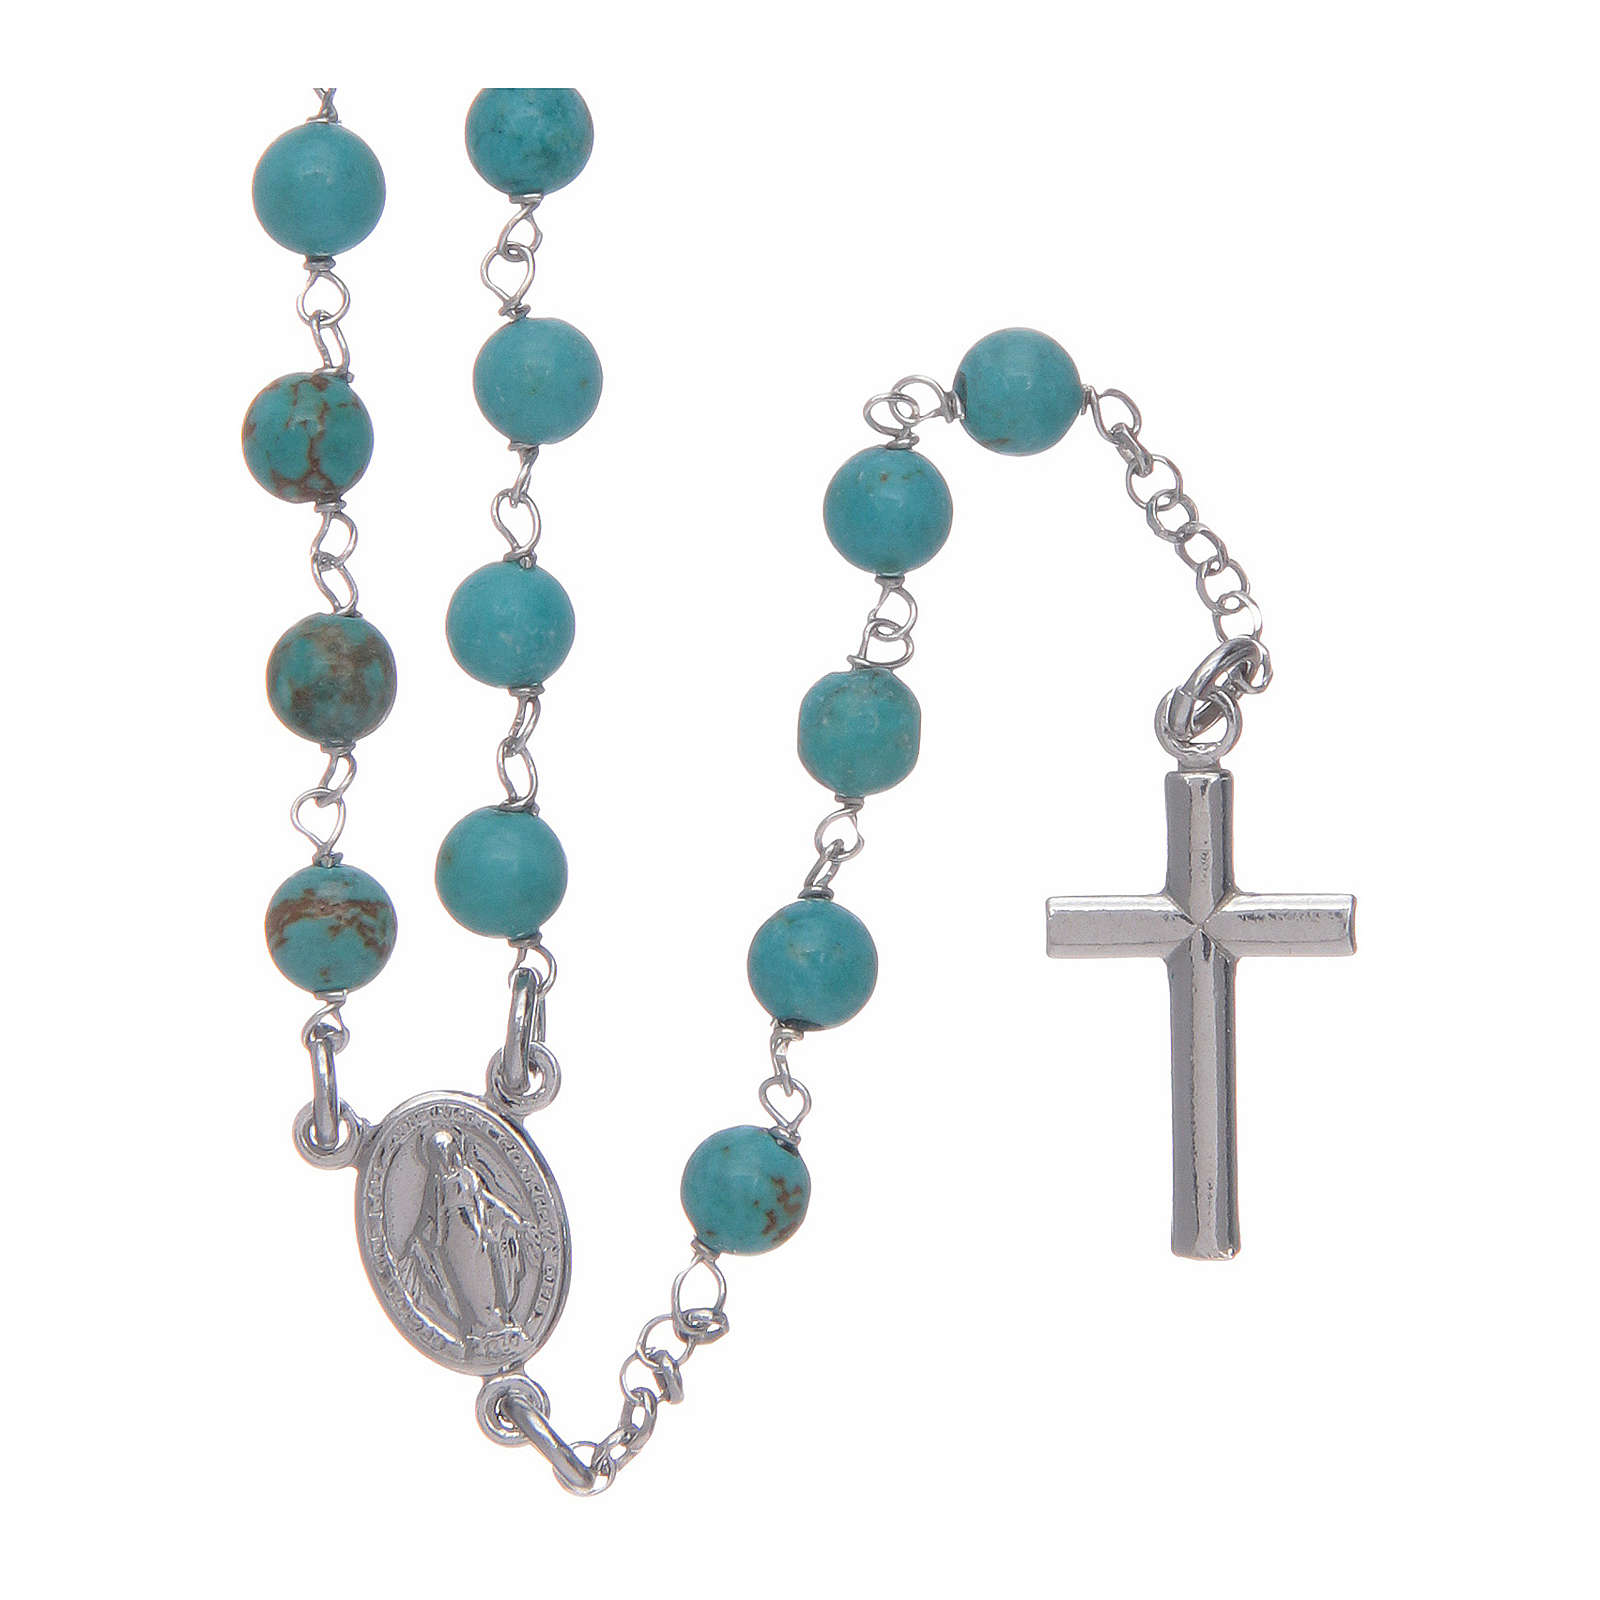 Collier chapelet Amen argent 925 turrquoise 4